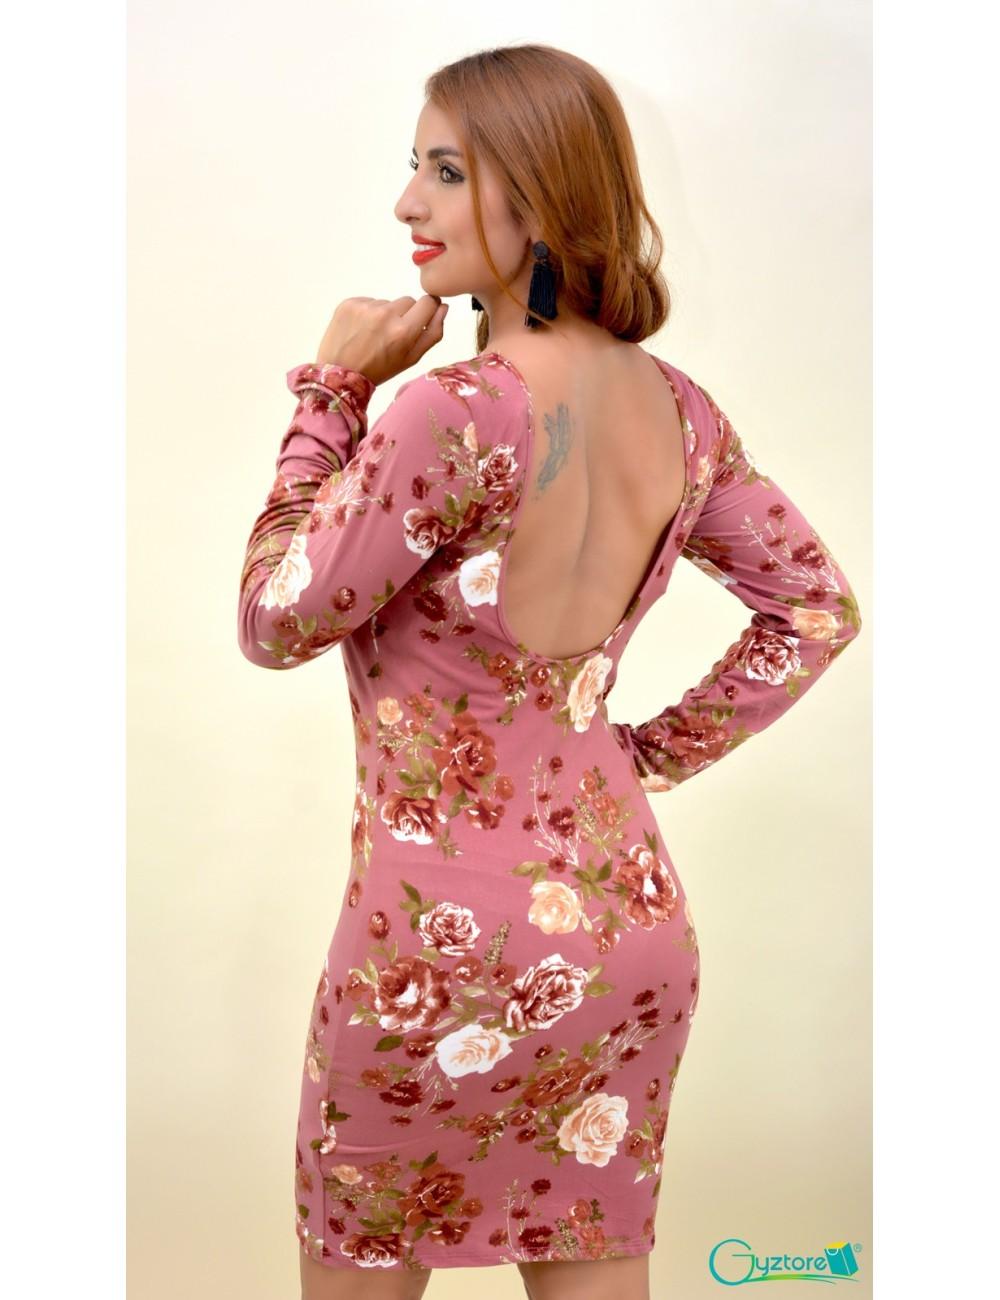 Vestido floreado cuello alto espalda descubierta